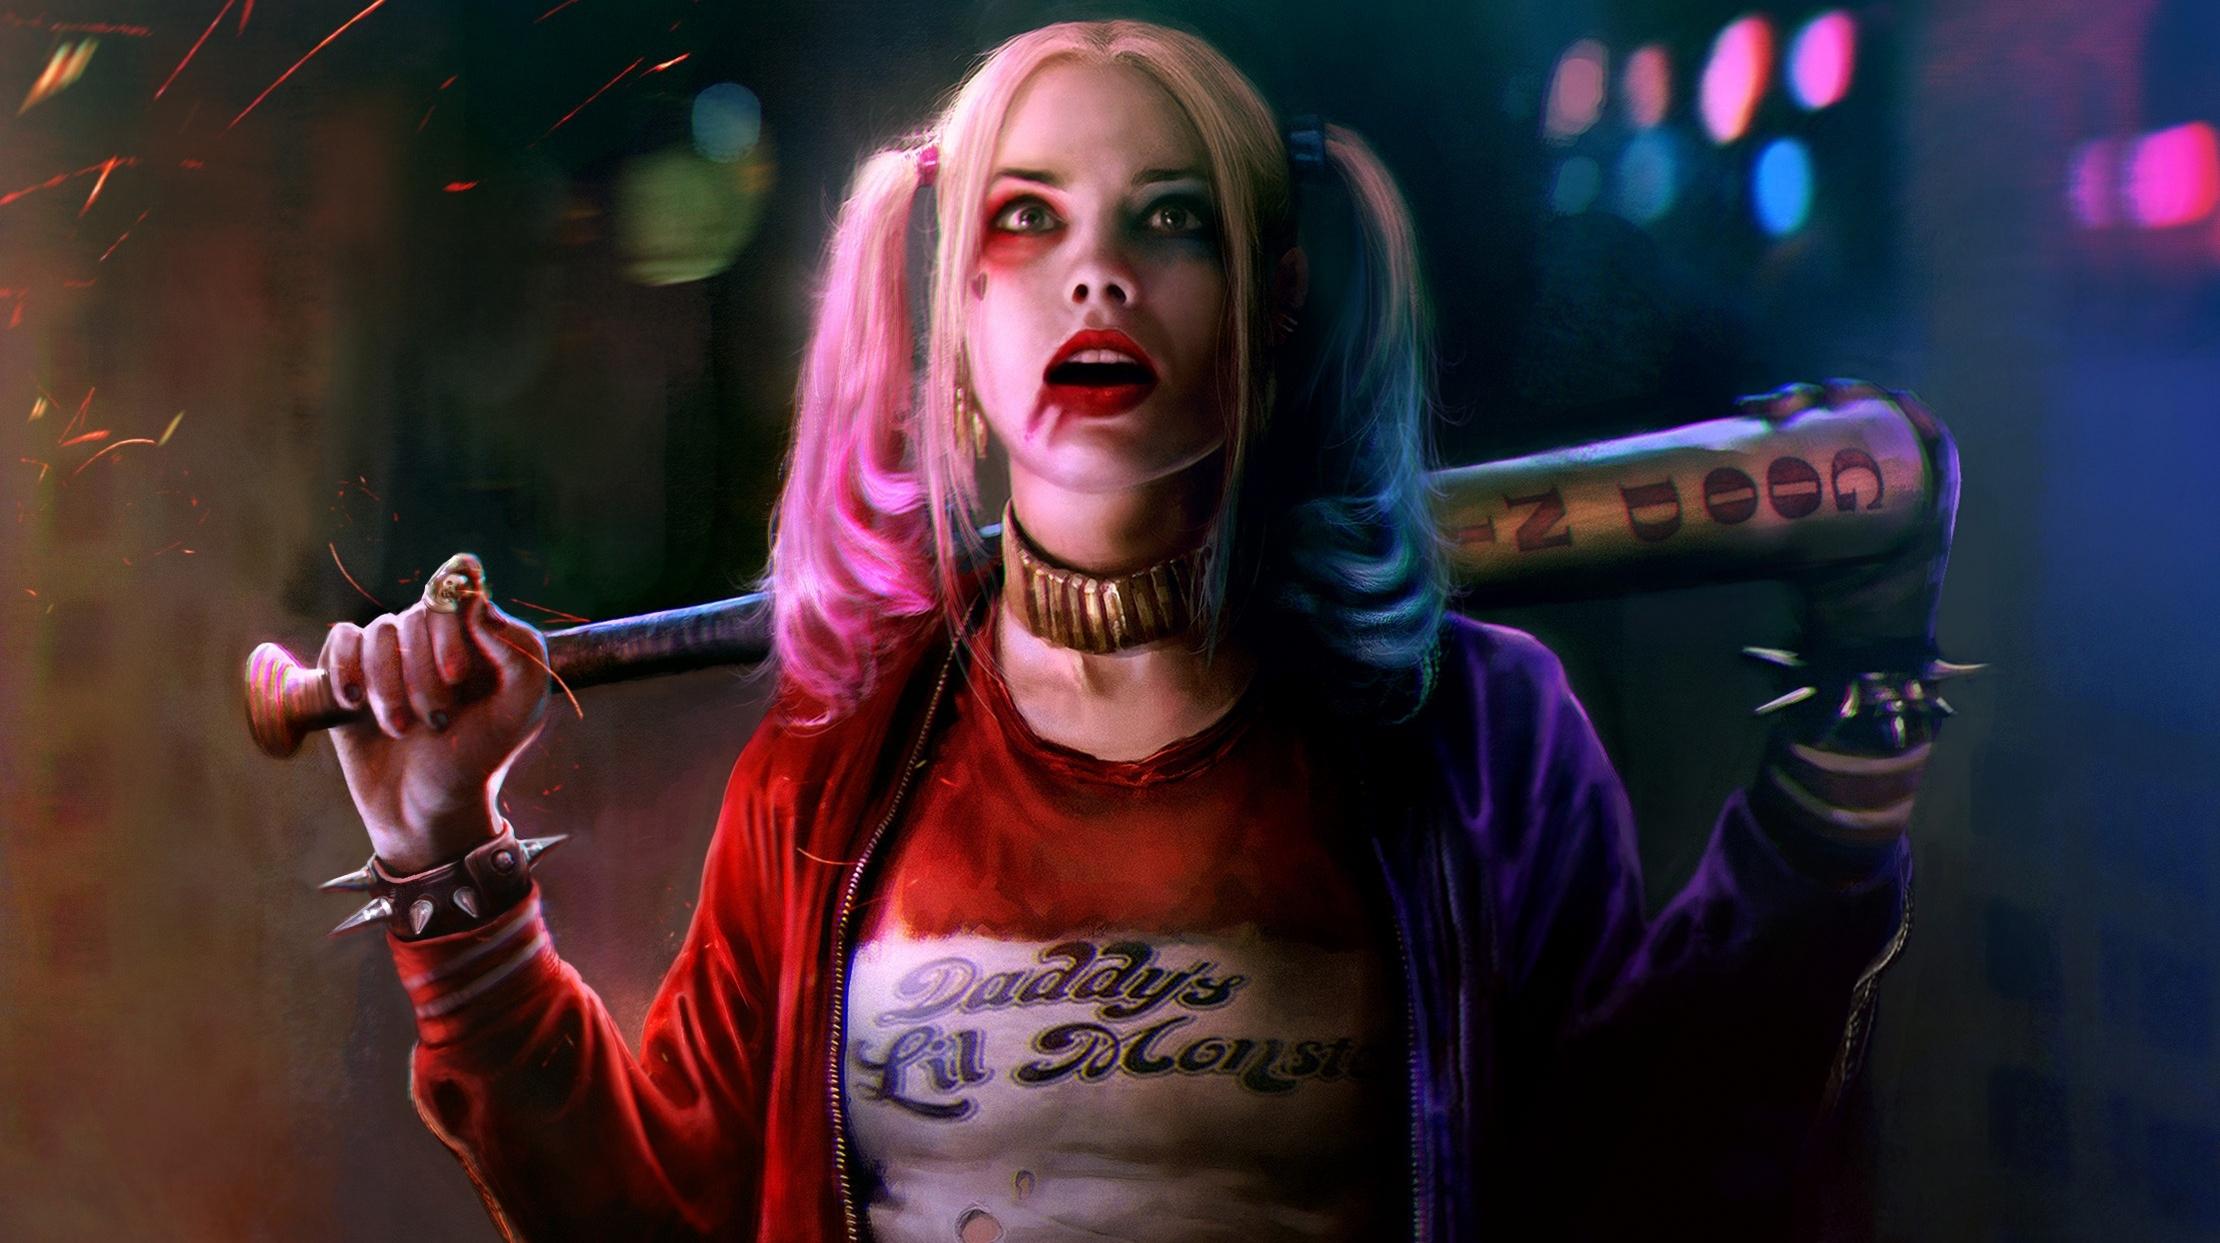 Harley Quinn Widescreen